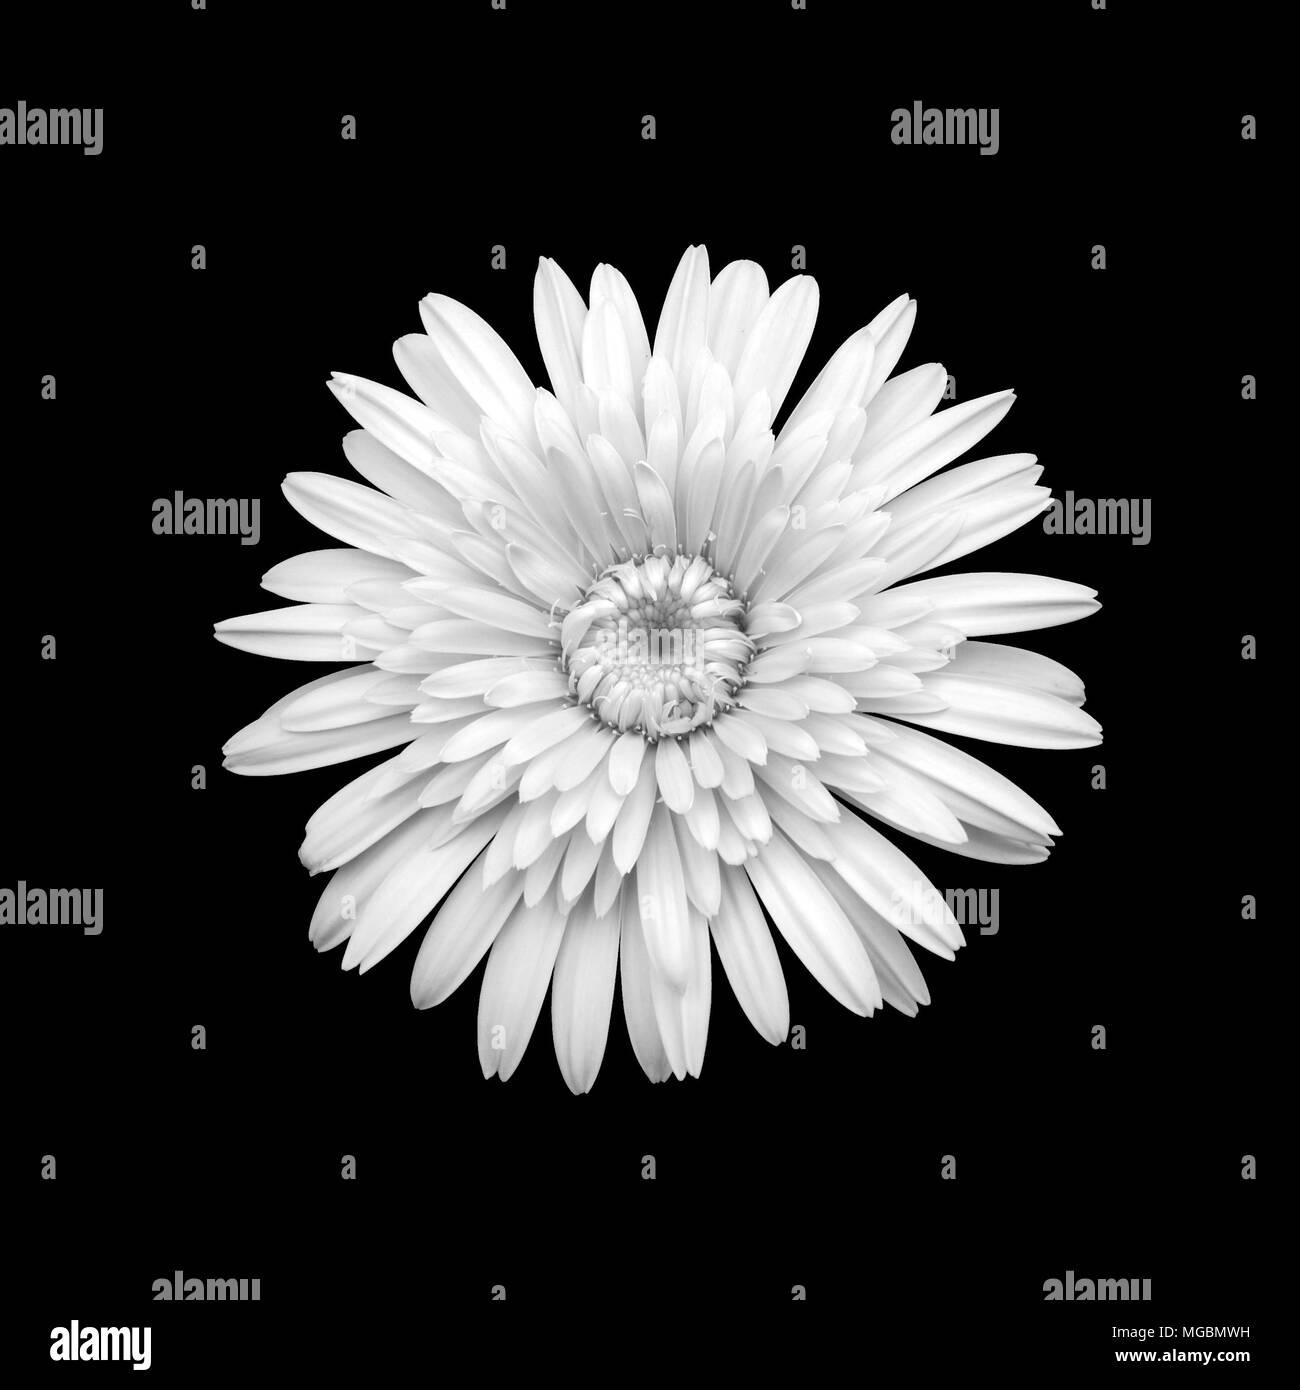 Chrysanthemum black and white stock photos images alamy black and white chrysanthemum flower stock image mightylinksfo Choice Image